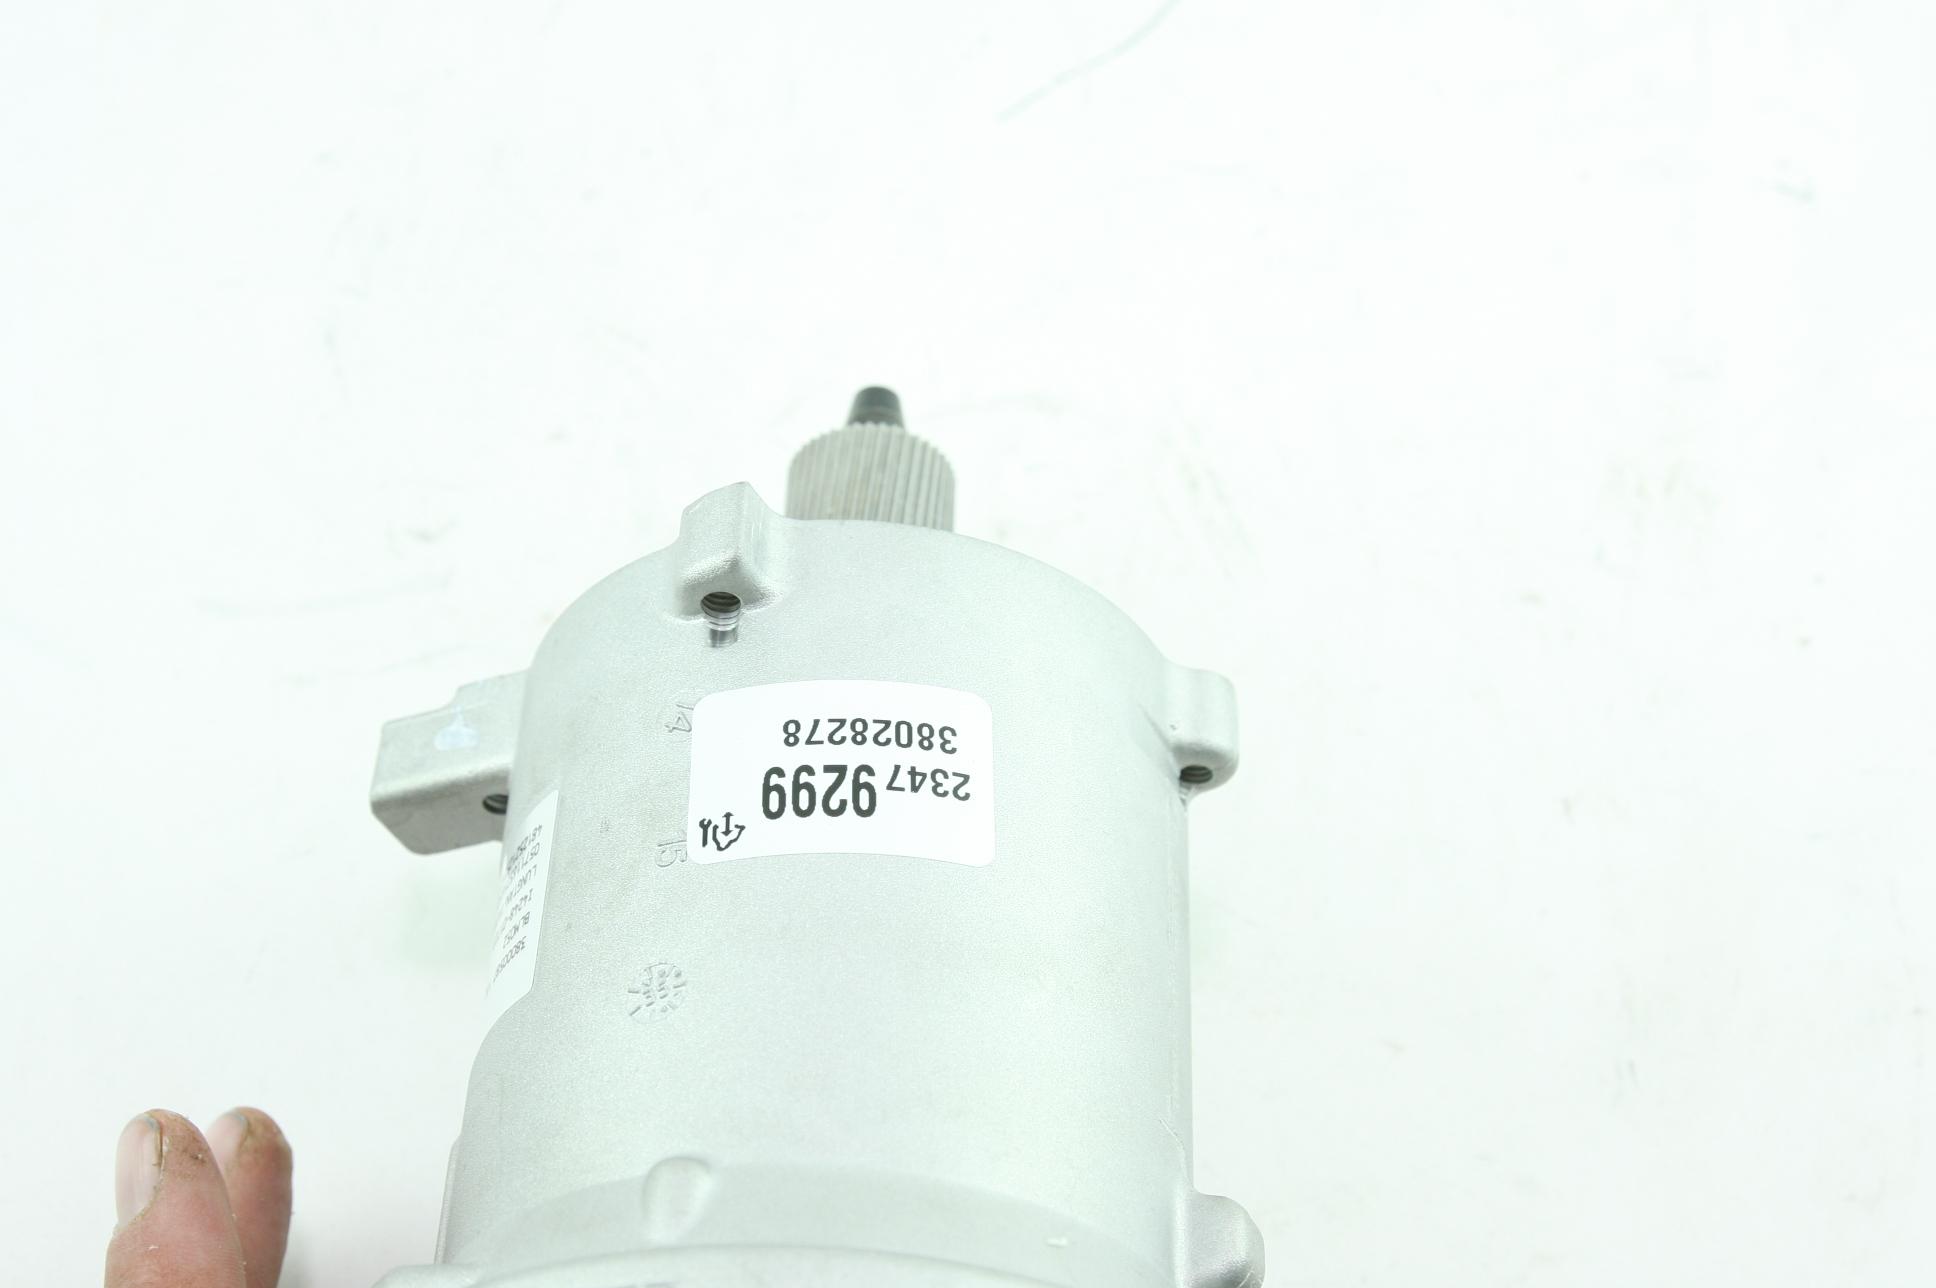 New OEM 23479299 Genuine GM Steering Gear Electric Power Steering Motor NIP - image 11